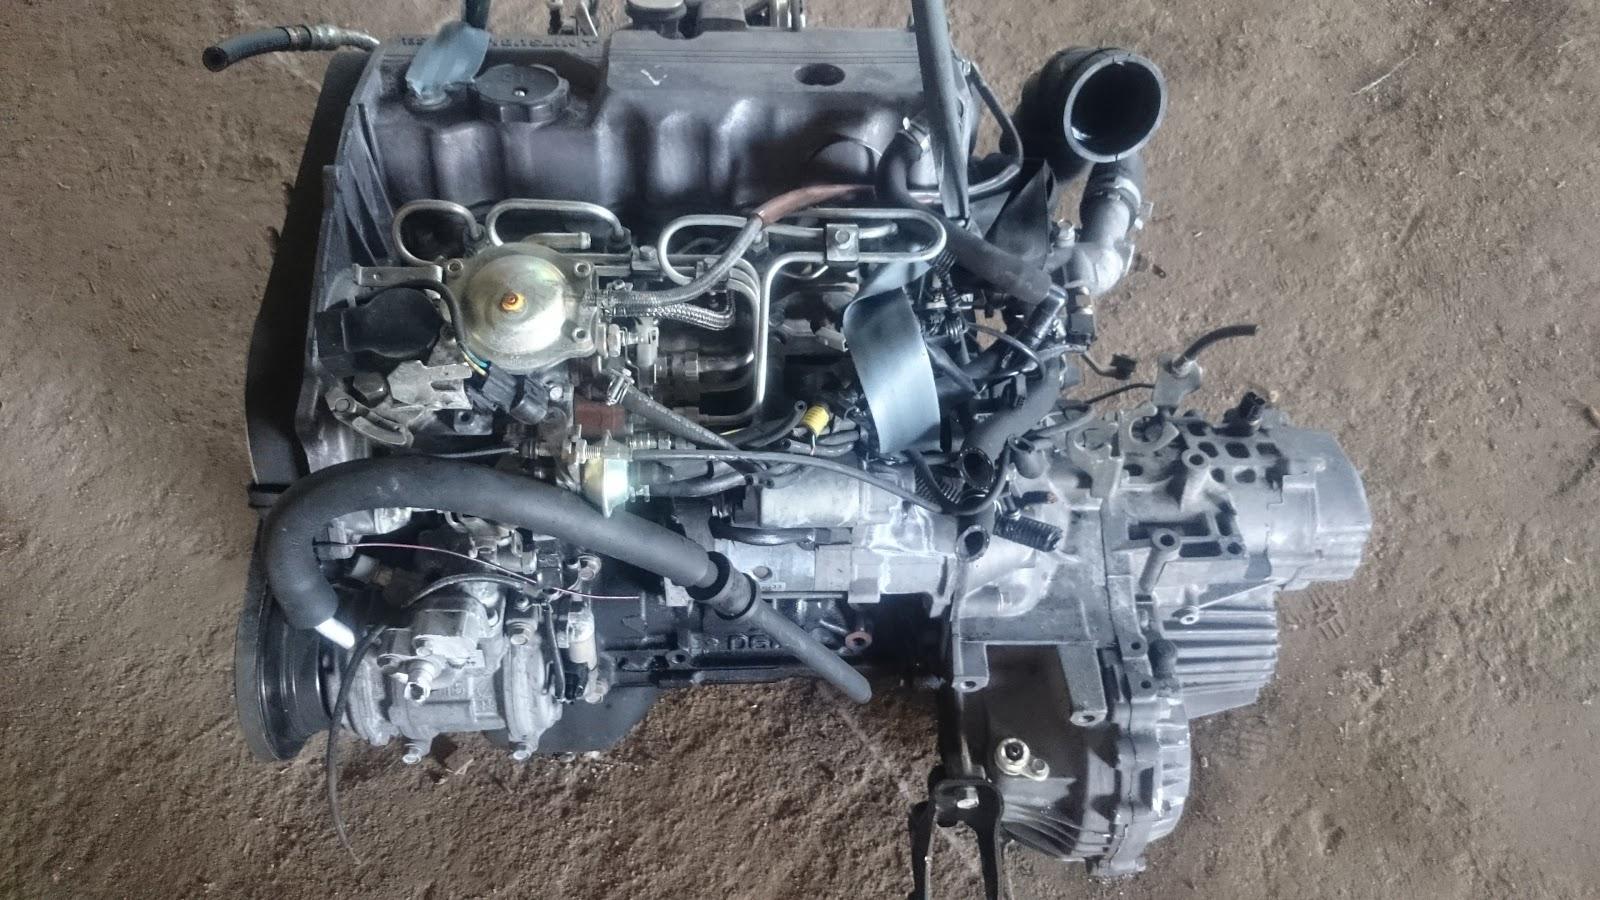 Купить двигатель митсубиси спейс раннер — photo 7